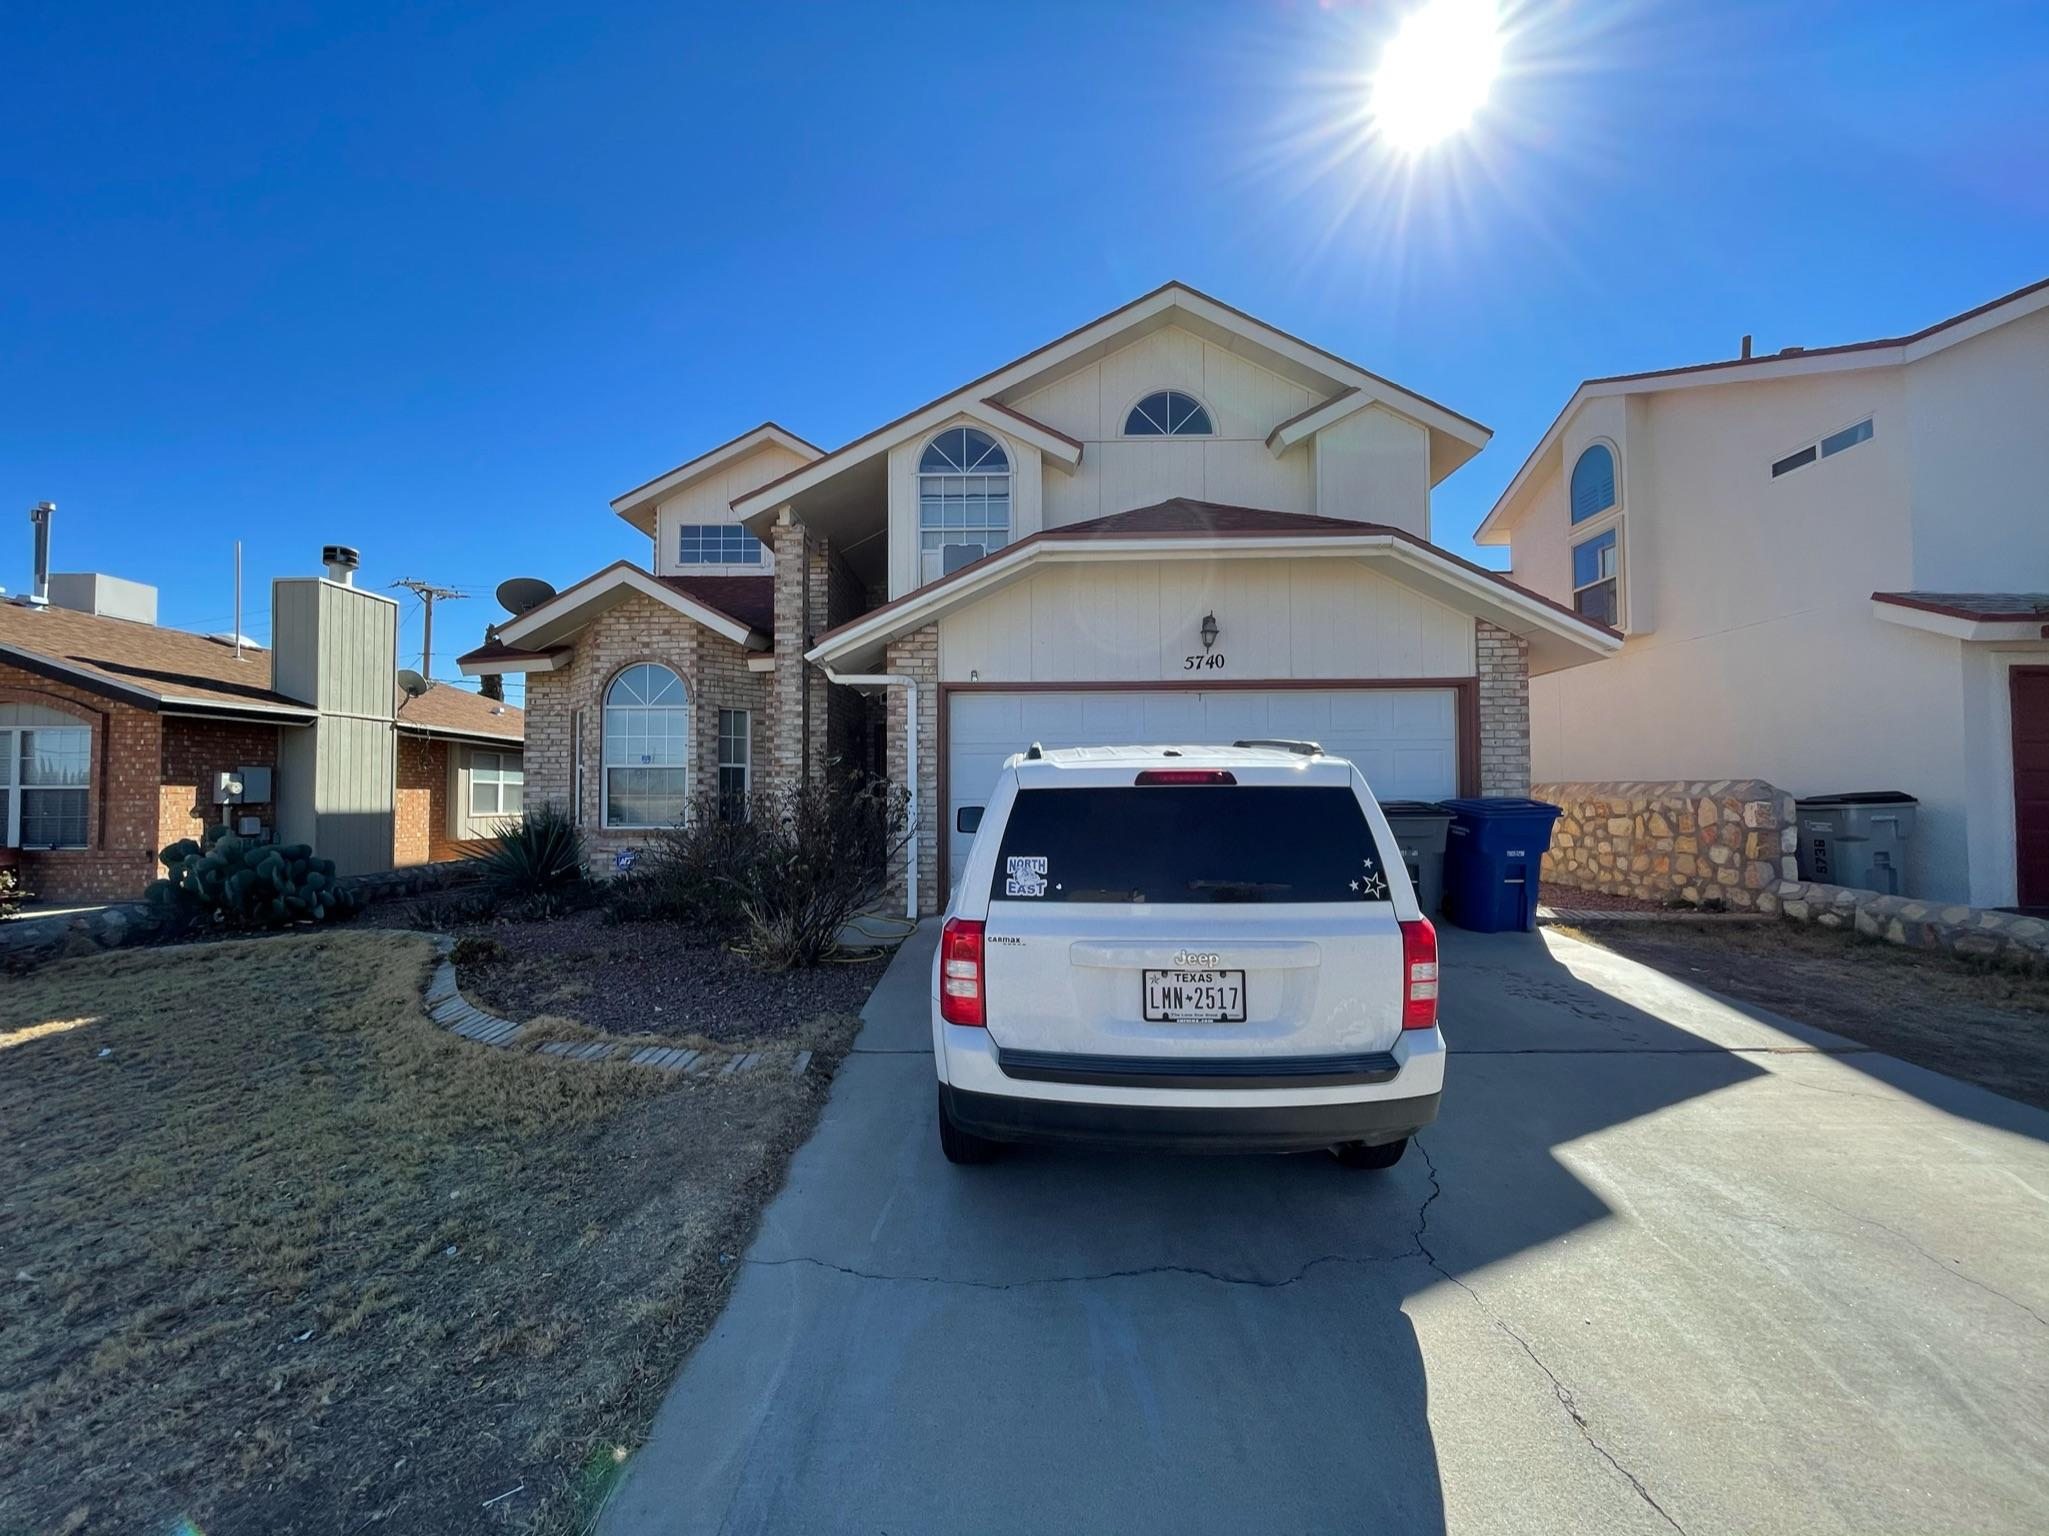 5740 Colin Powell, El Paso, Texas 79934, 4 Bedrooms Bedrooms, ,3 BathroomsBathrooms,Residential,For sale,Colin Powell,840291